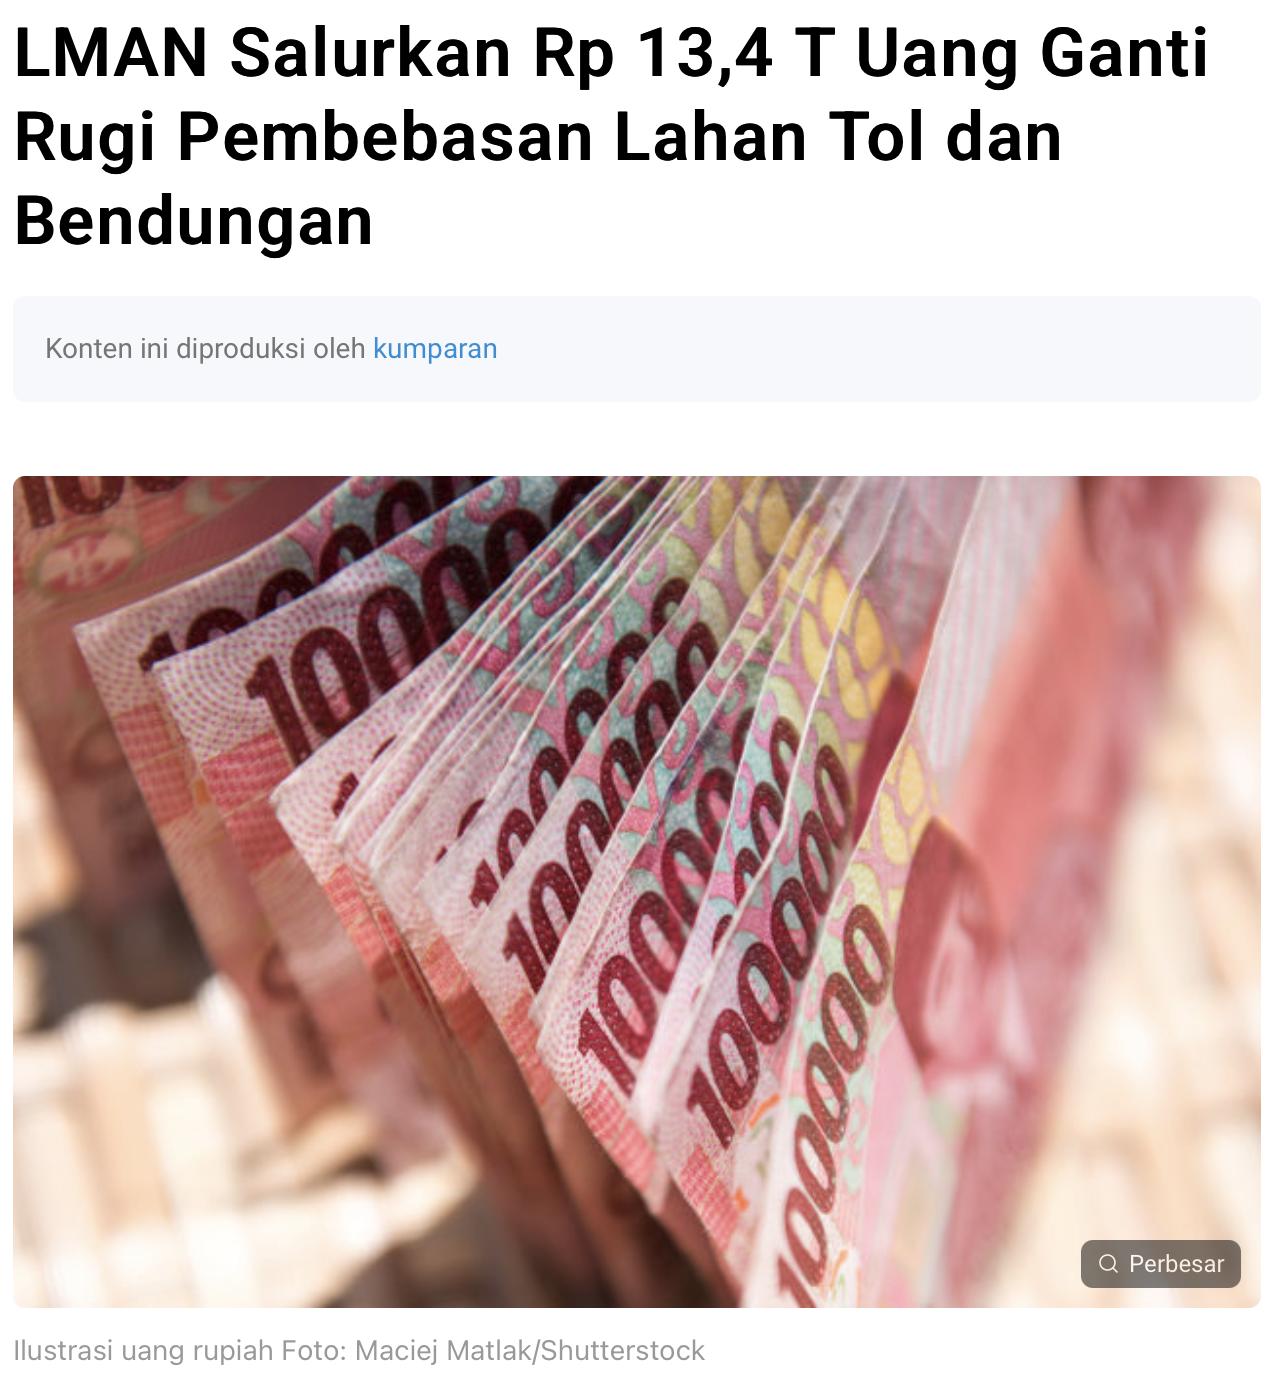 LMAN Salurkan Rp 13,4 T Uang Ganti Rugi Pembebasan Lahan Tol dan Bendungan